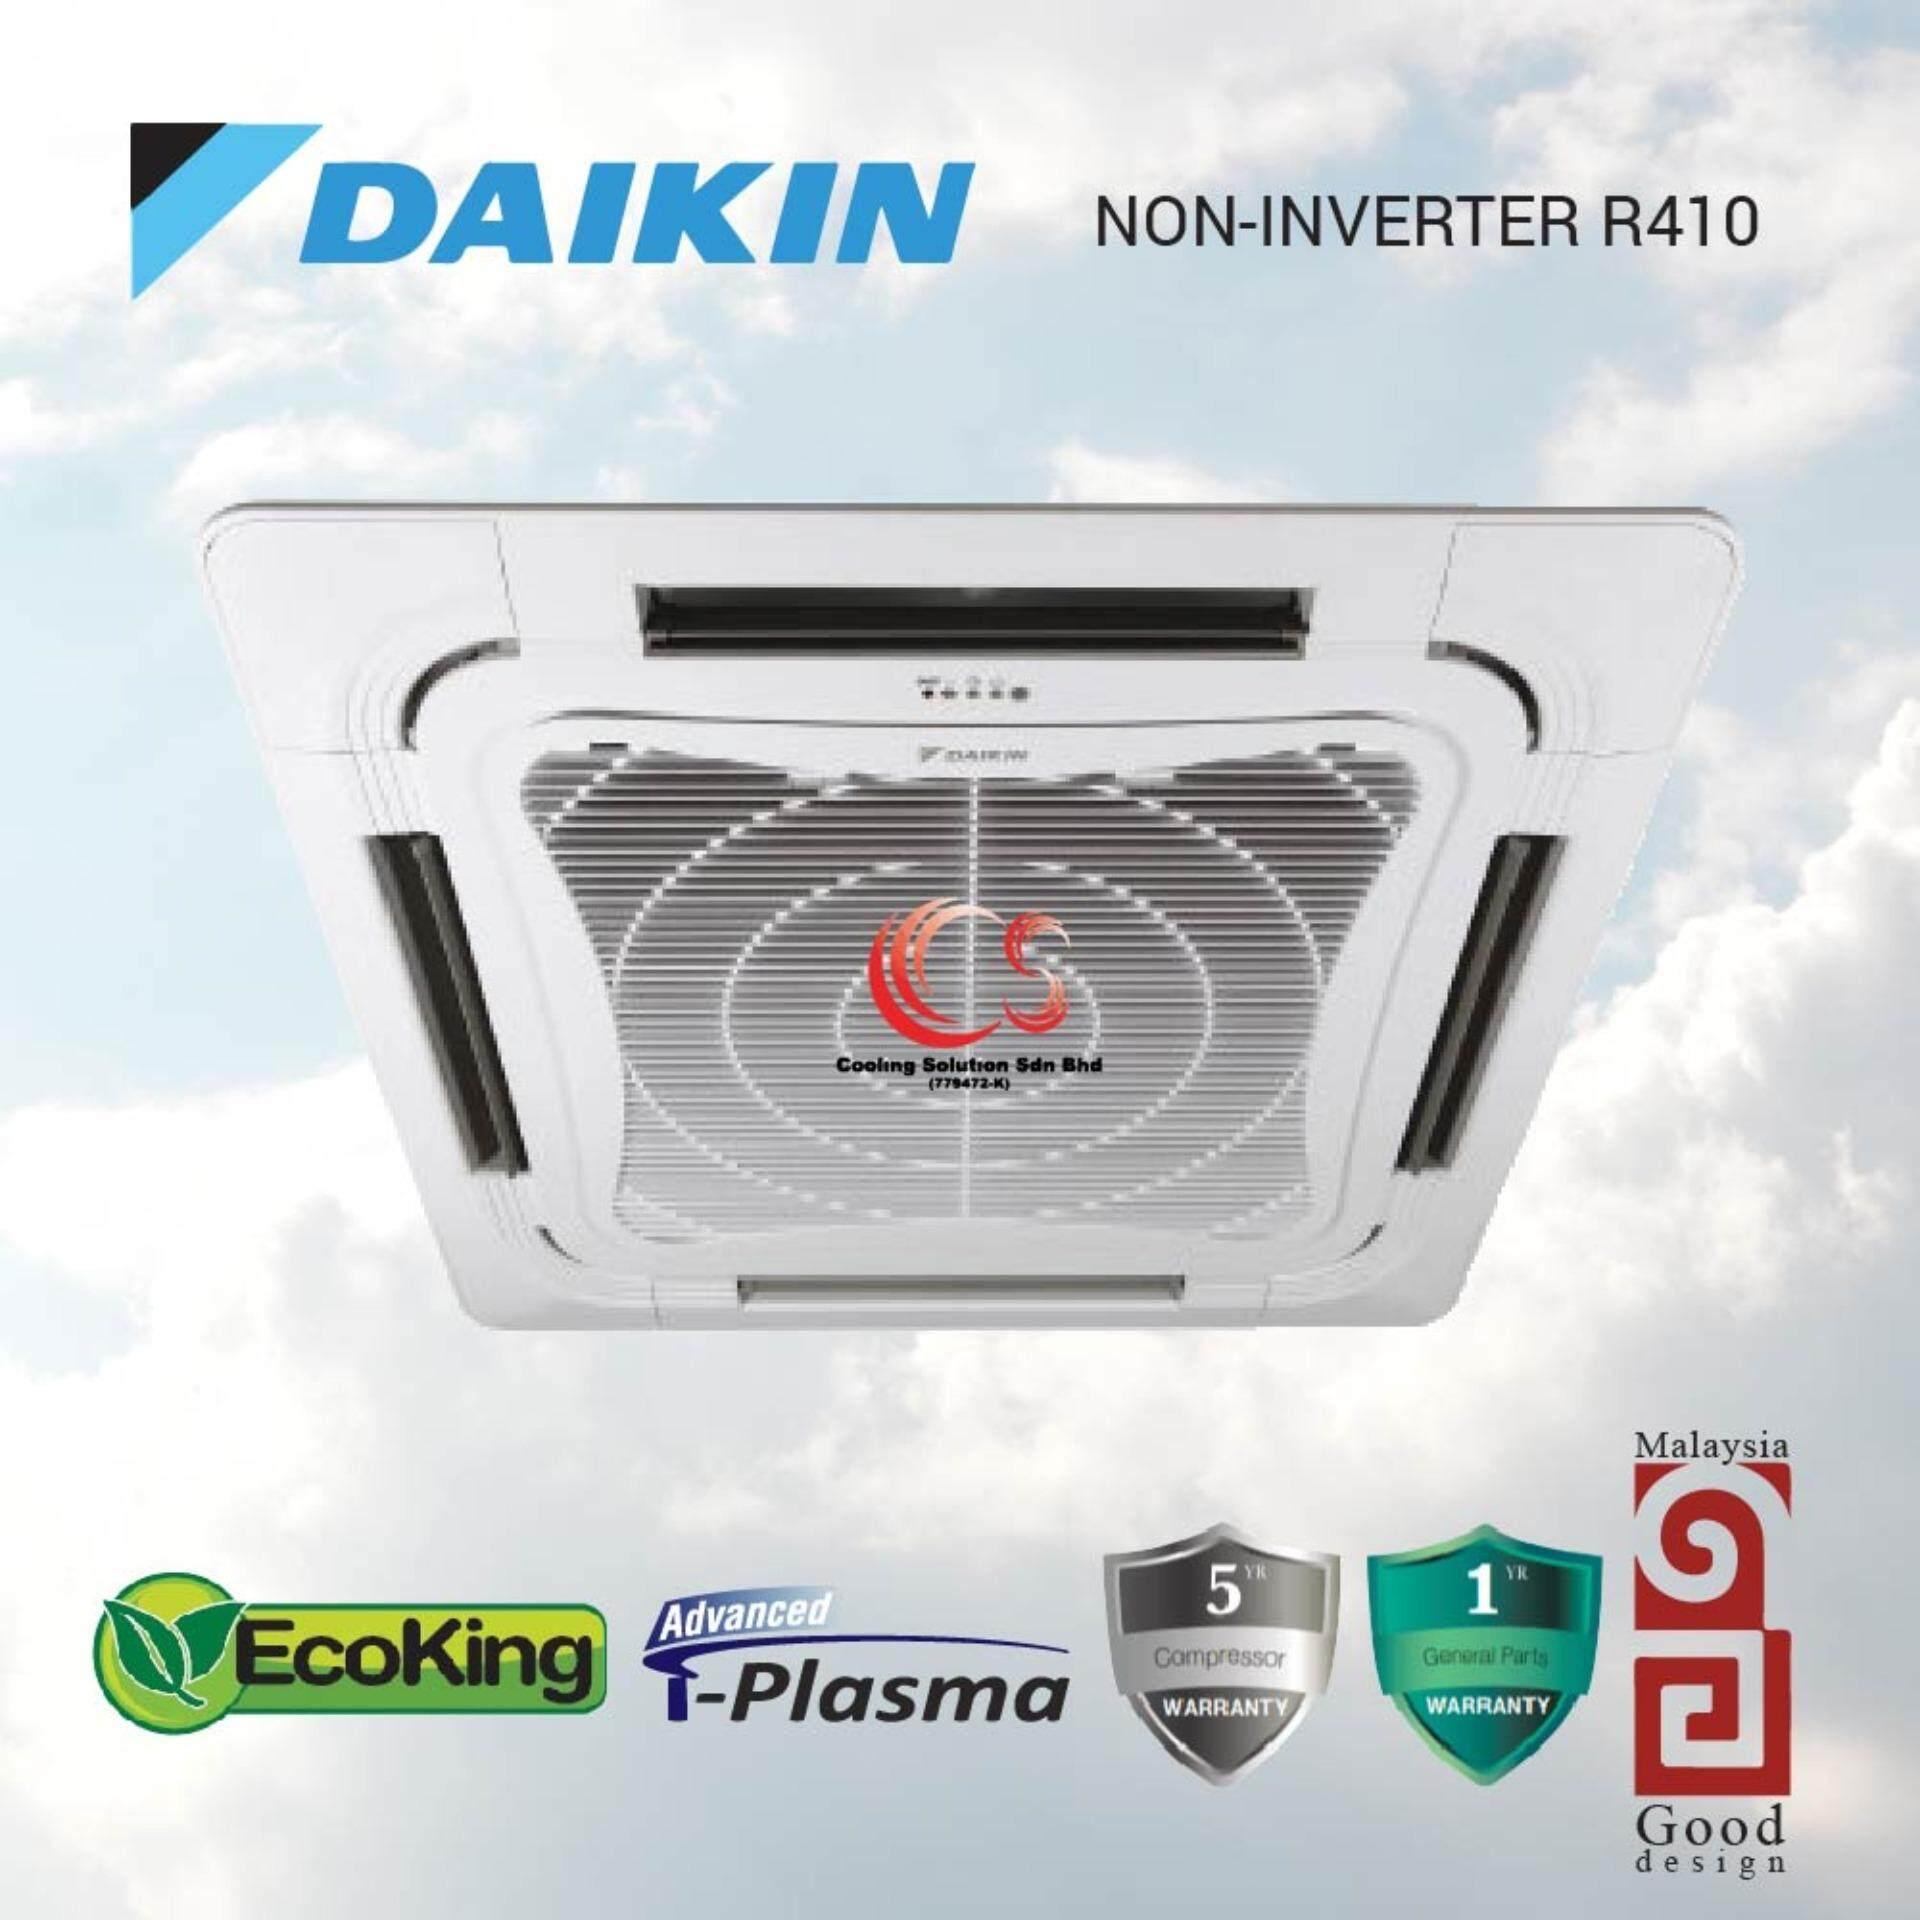 DAIKIN CASSETTE NON INVERTER BASIC R410 FCN35F/RN35F